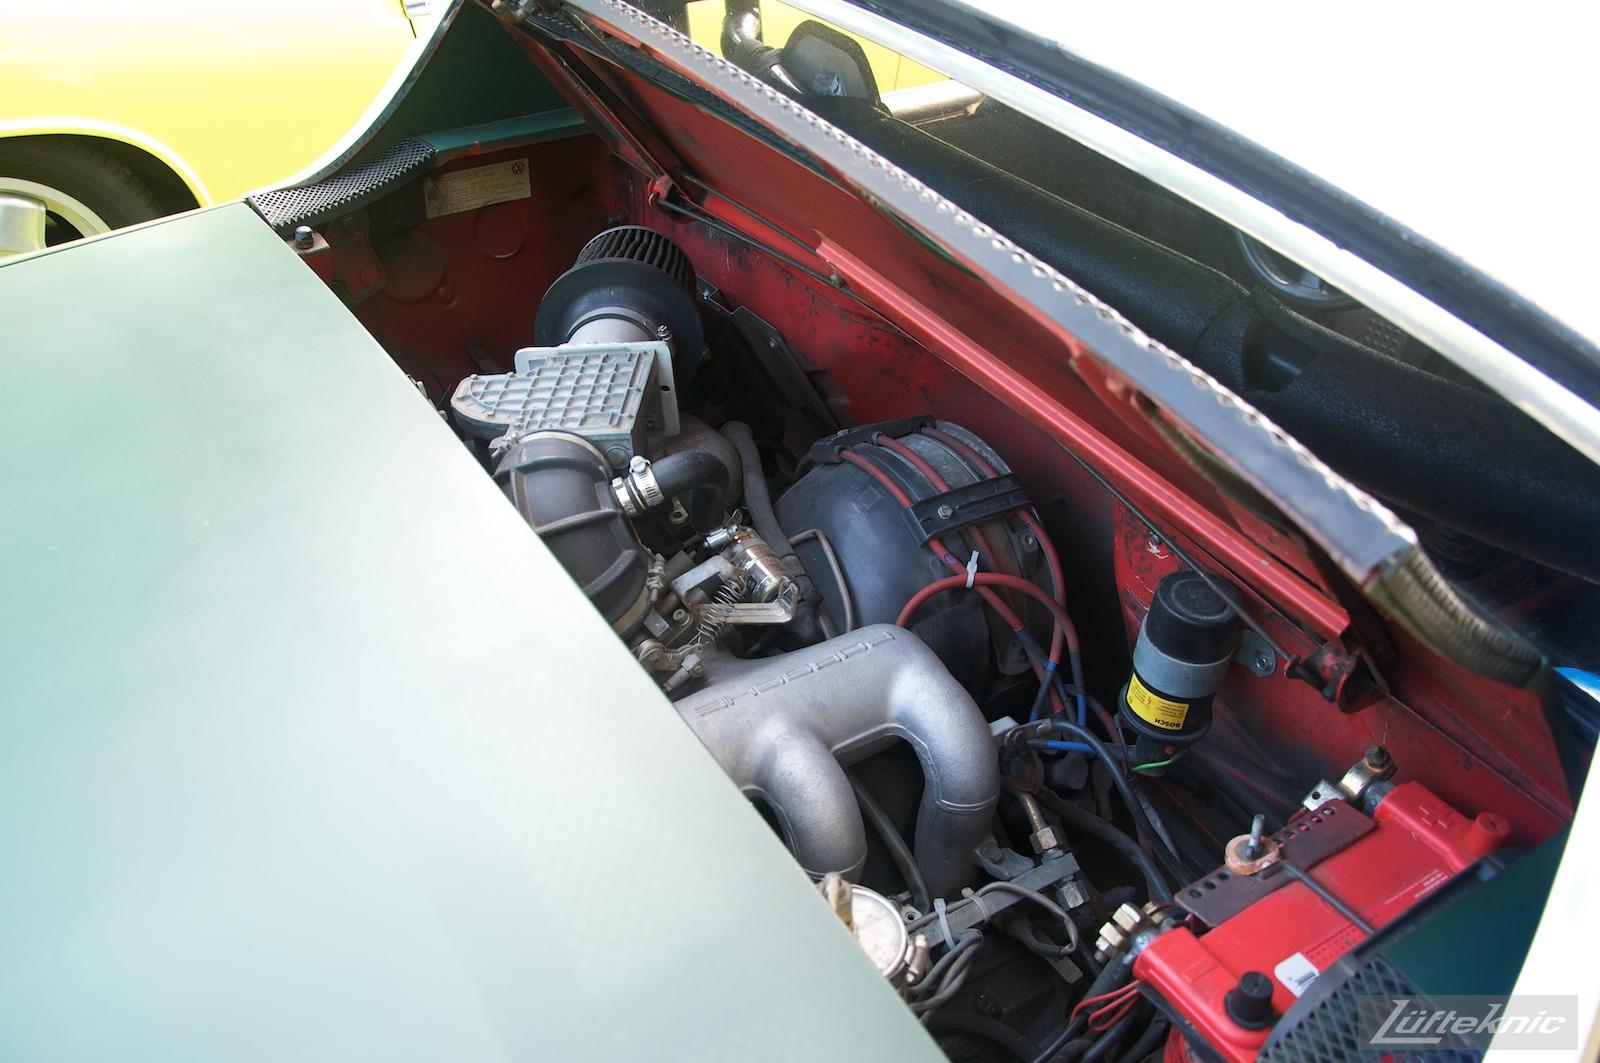 Track rat 914 at the Richmond Porsche Meet.